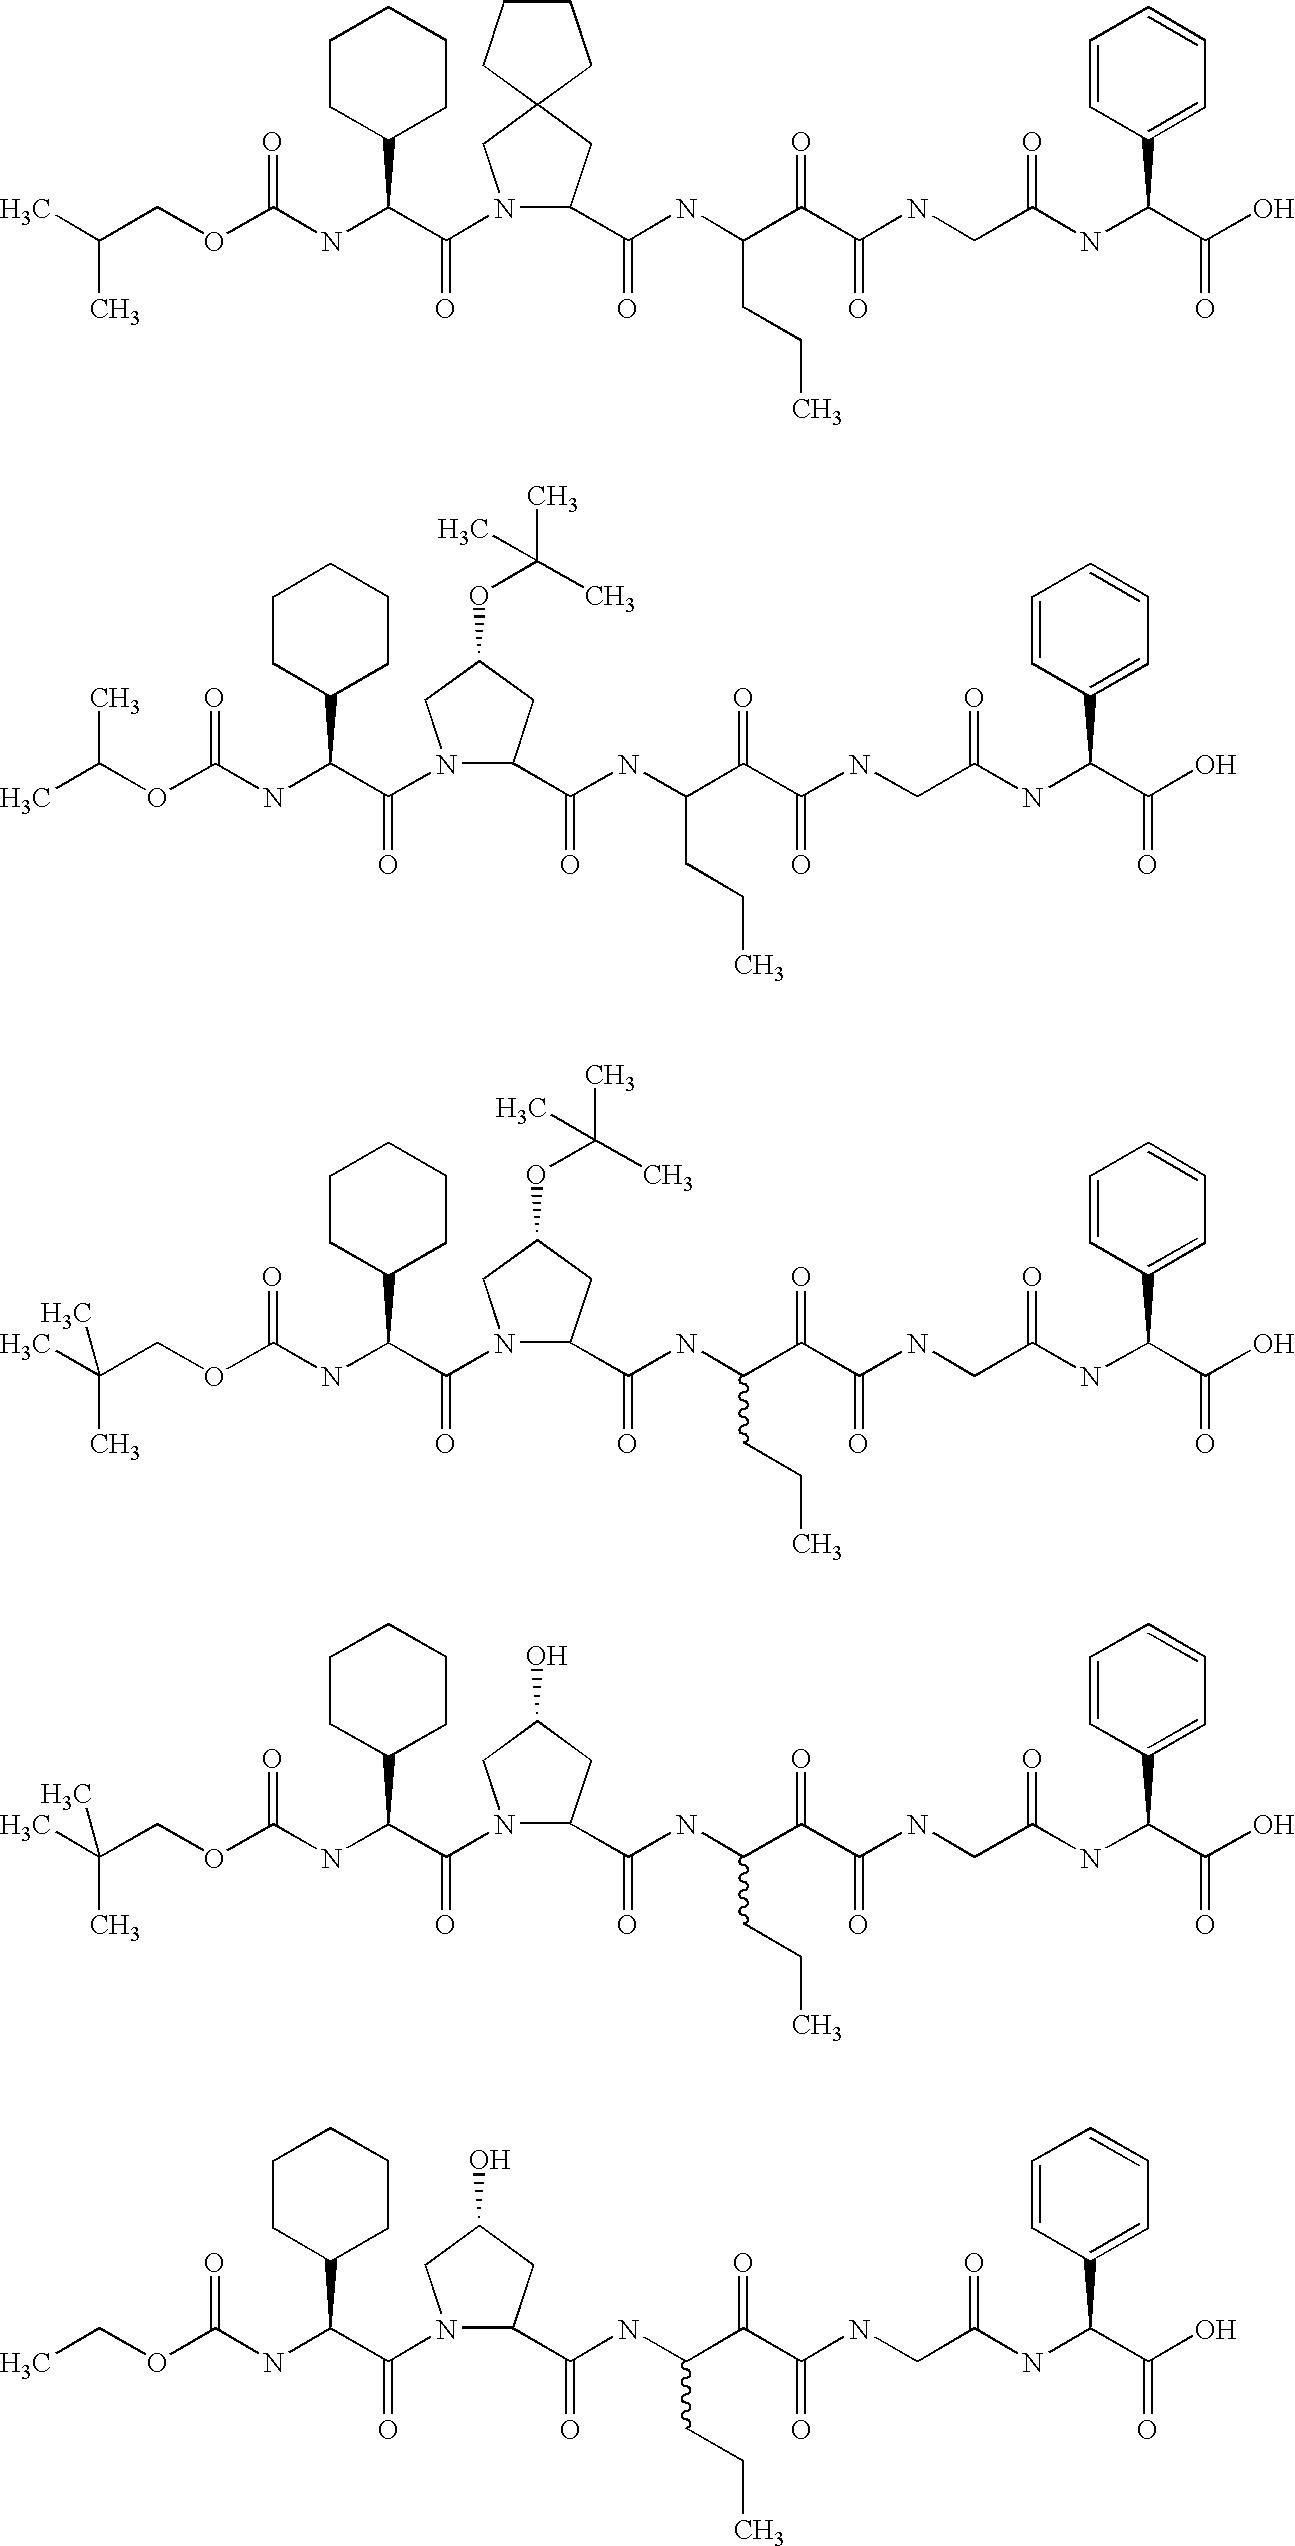 Figure US20060287248A1-20061221-C00137